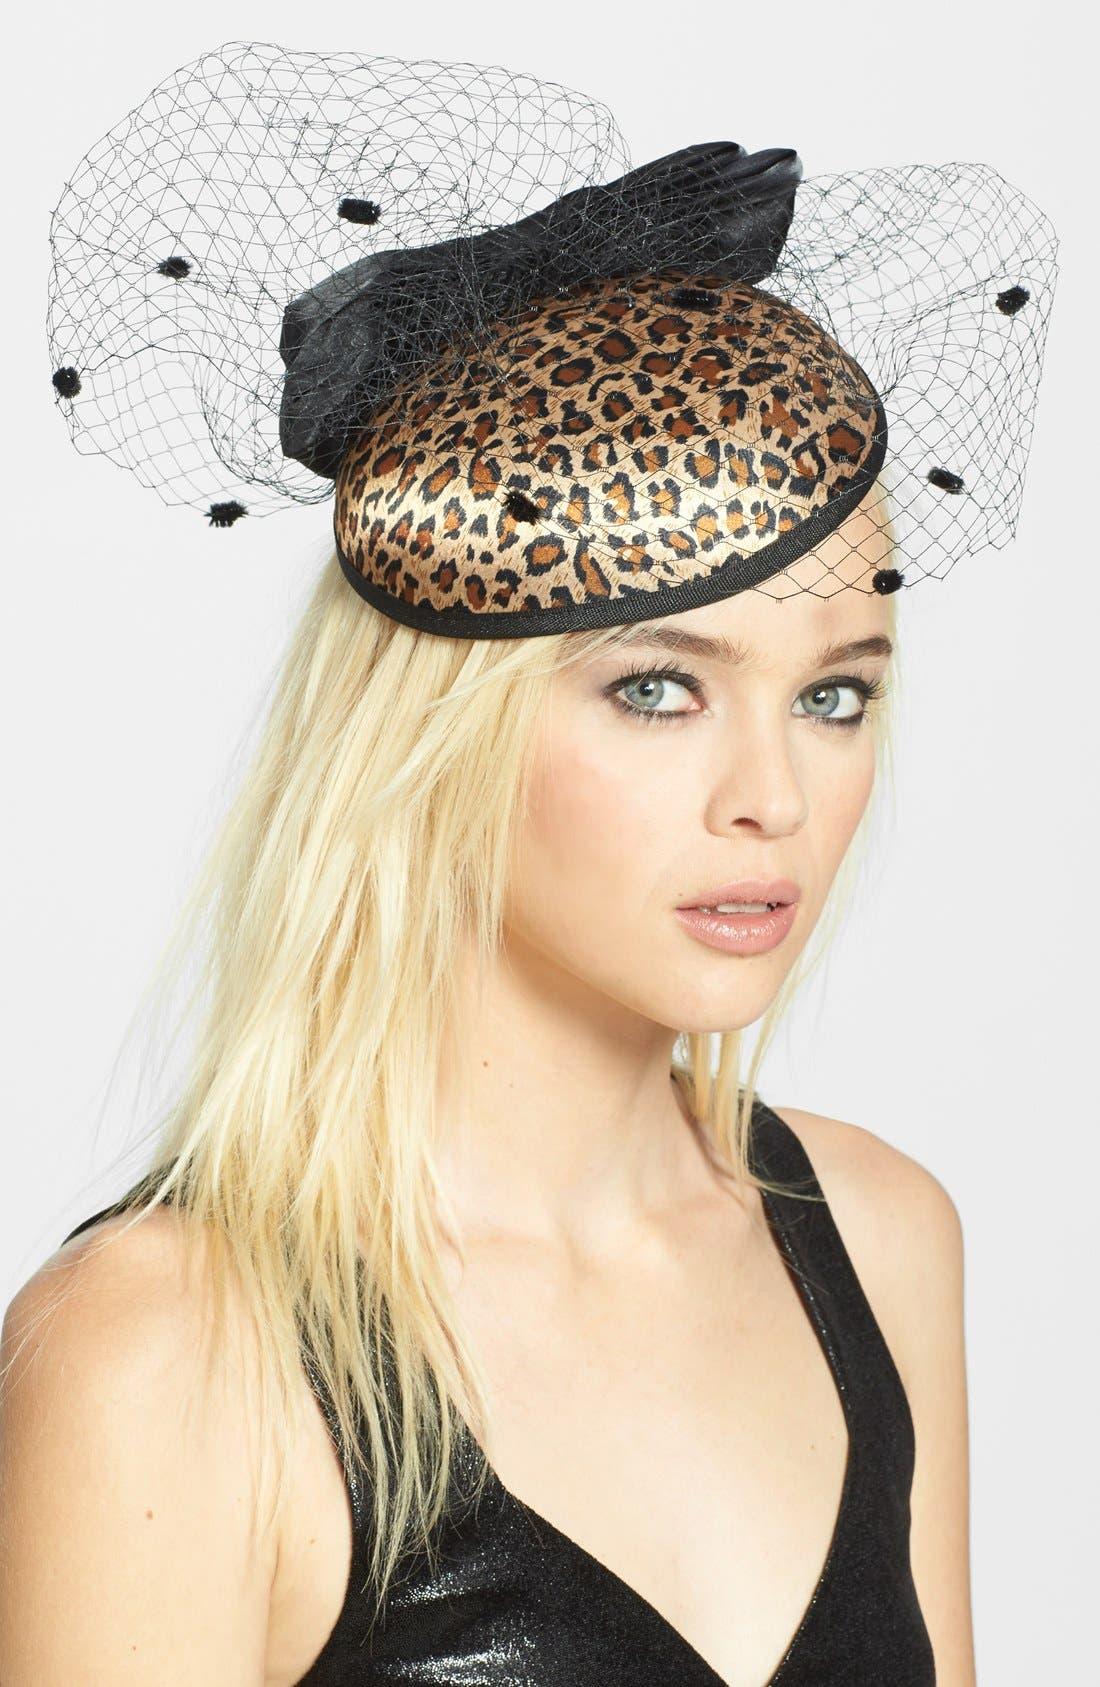 Alternate Image 1 Selected - Tasha 'Ferocious' Fascinator Headband